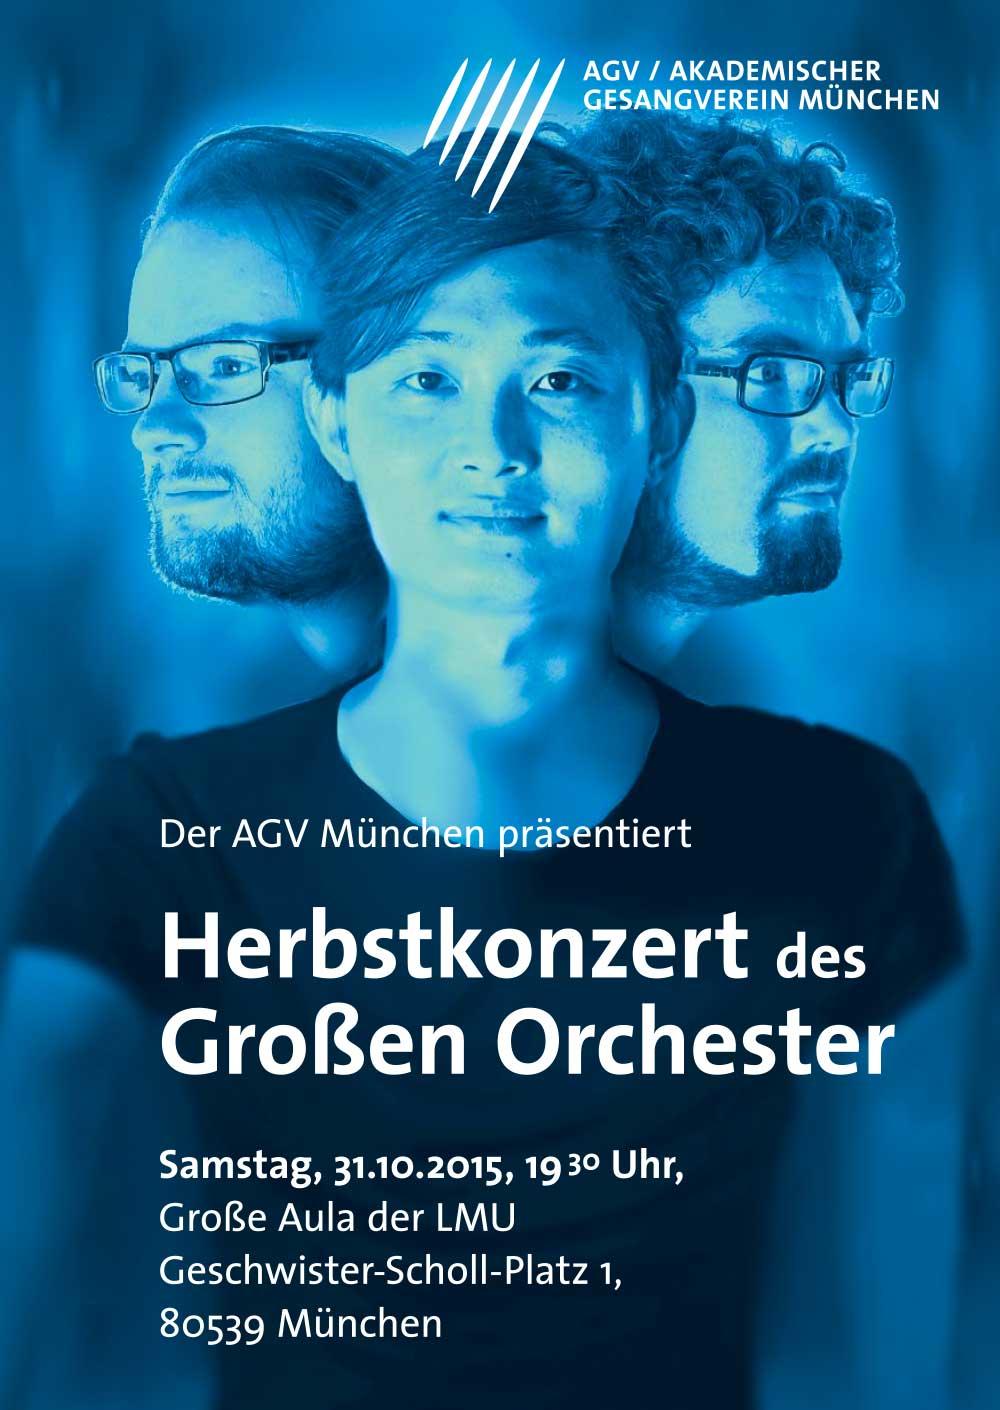 Plakatdesign für Akademischer Gesangsverein München Trtiplekonzert Poster